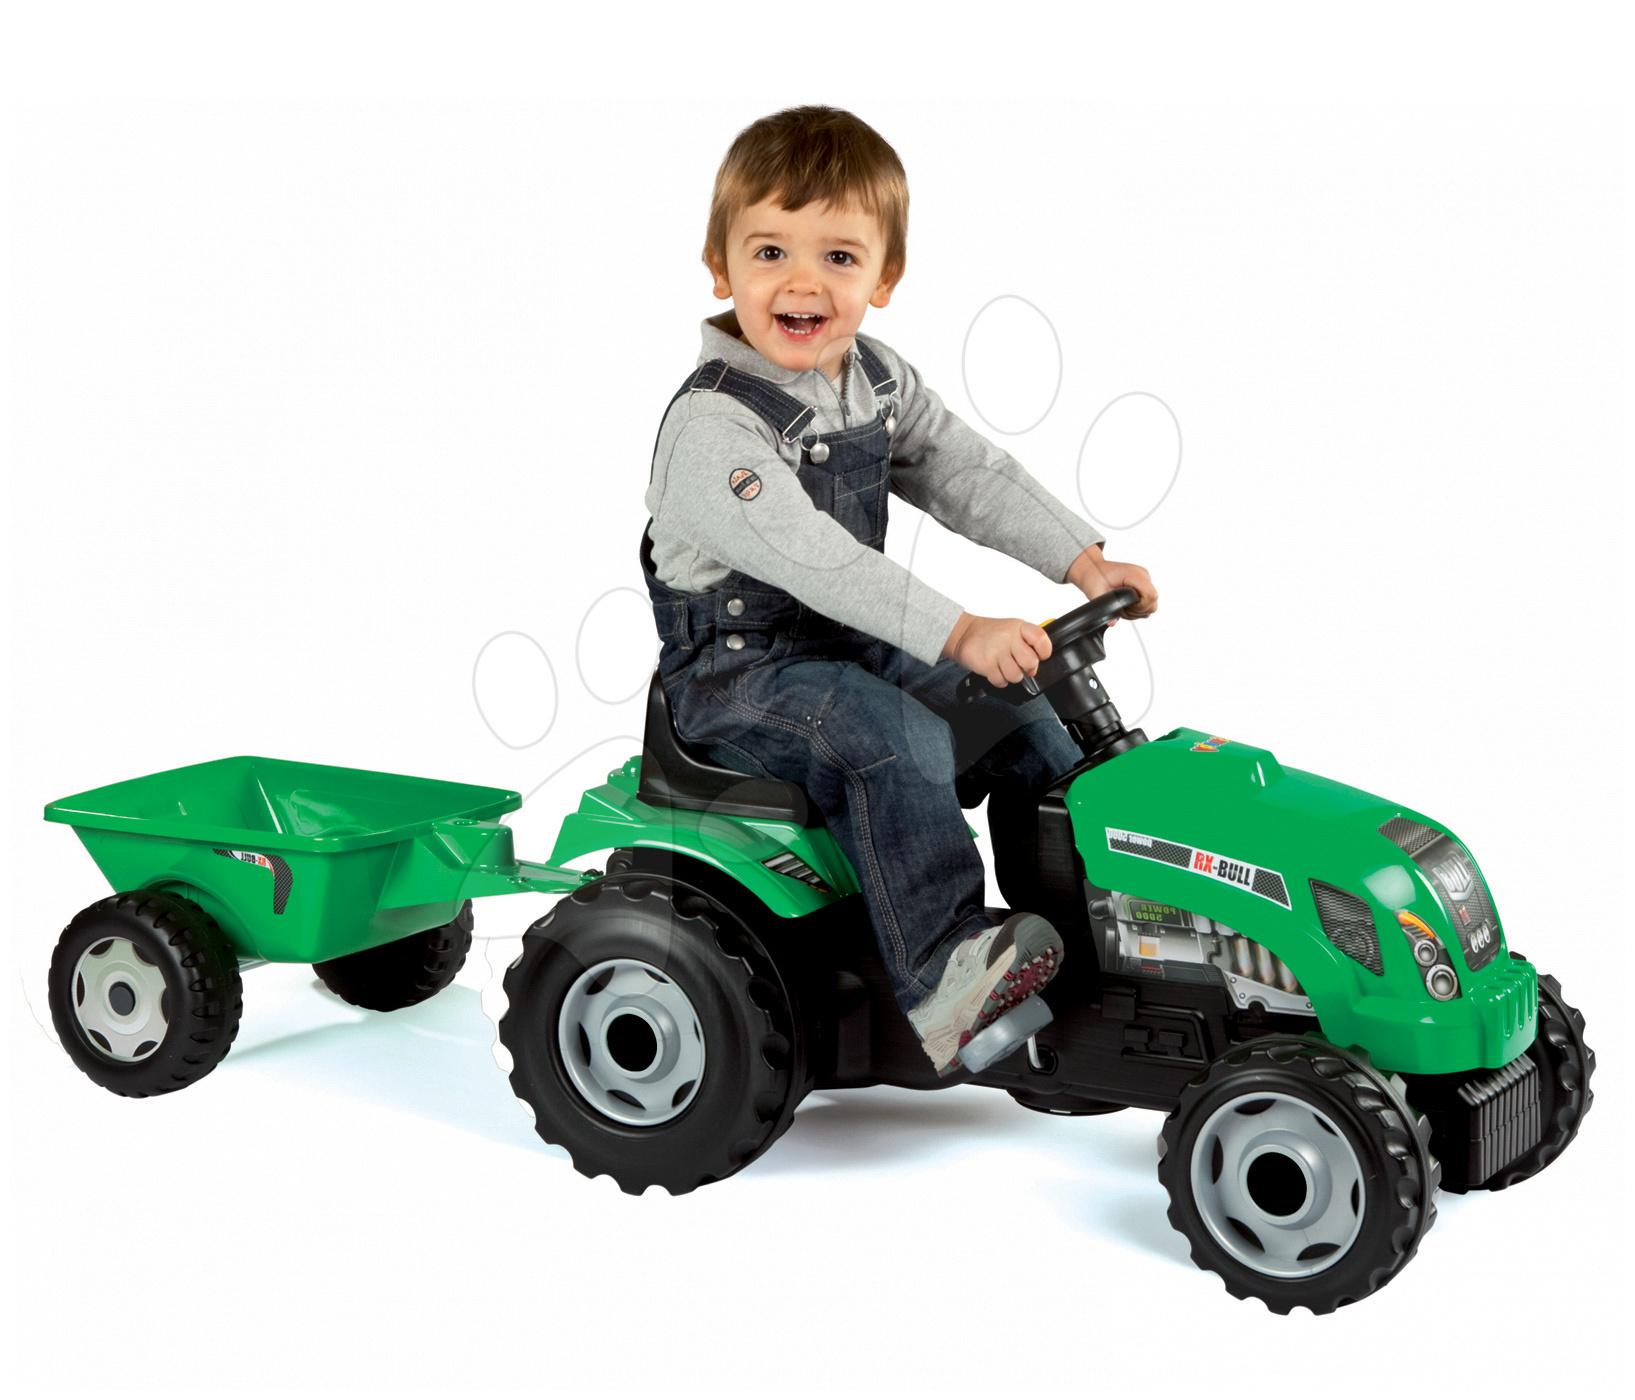 Vehicule cu pedală pentru copii - Tractor cu pedale Smoby cu remorcă verde